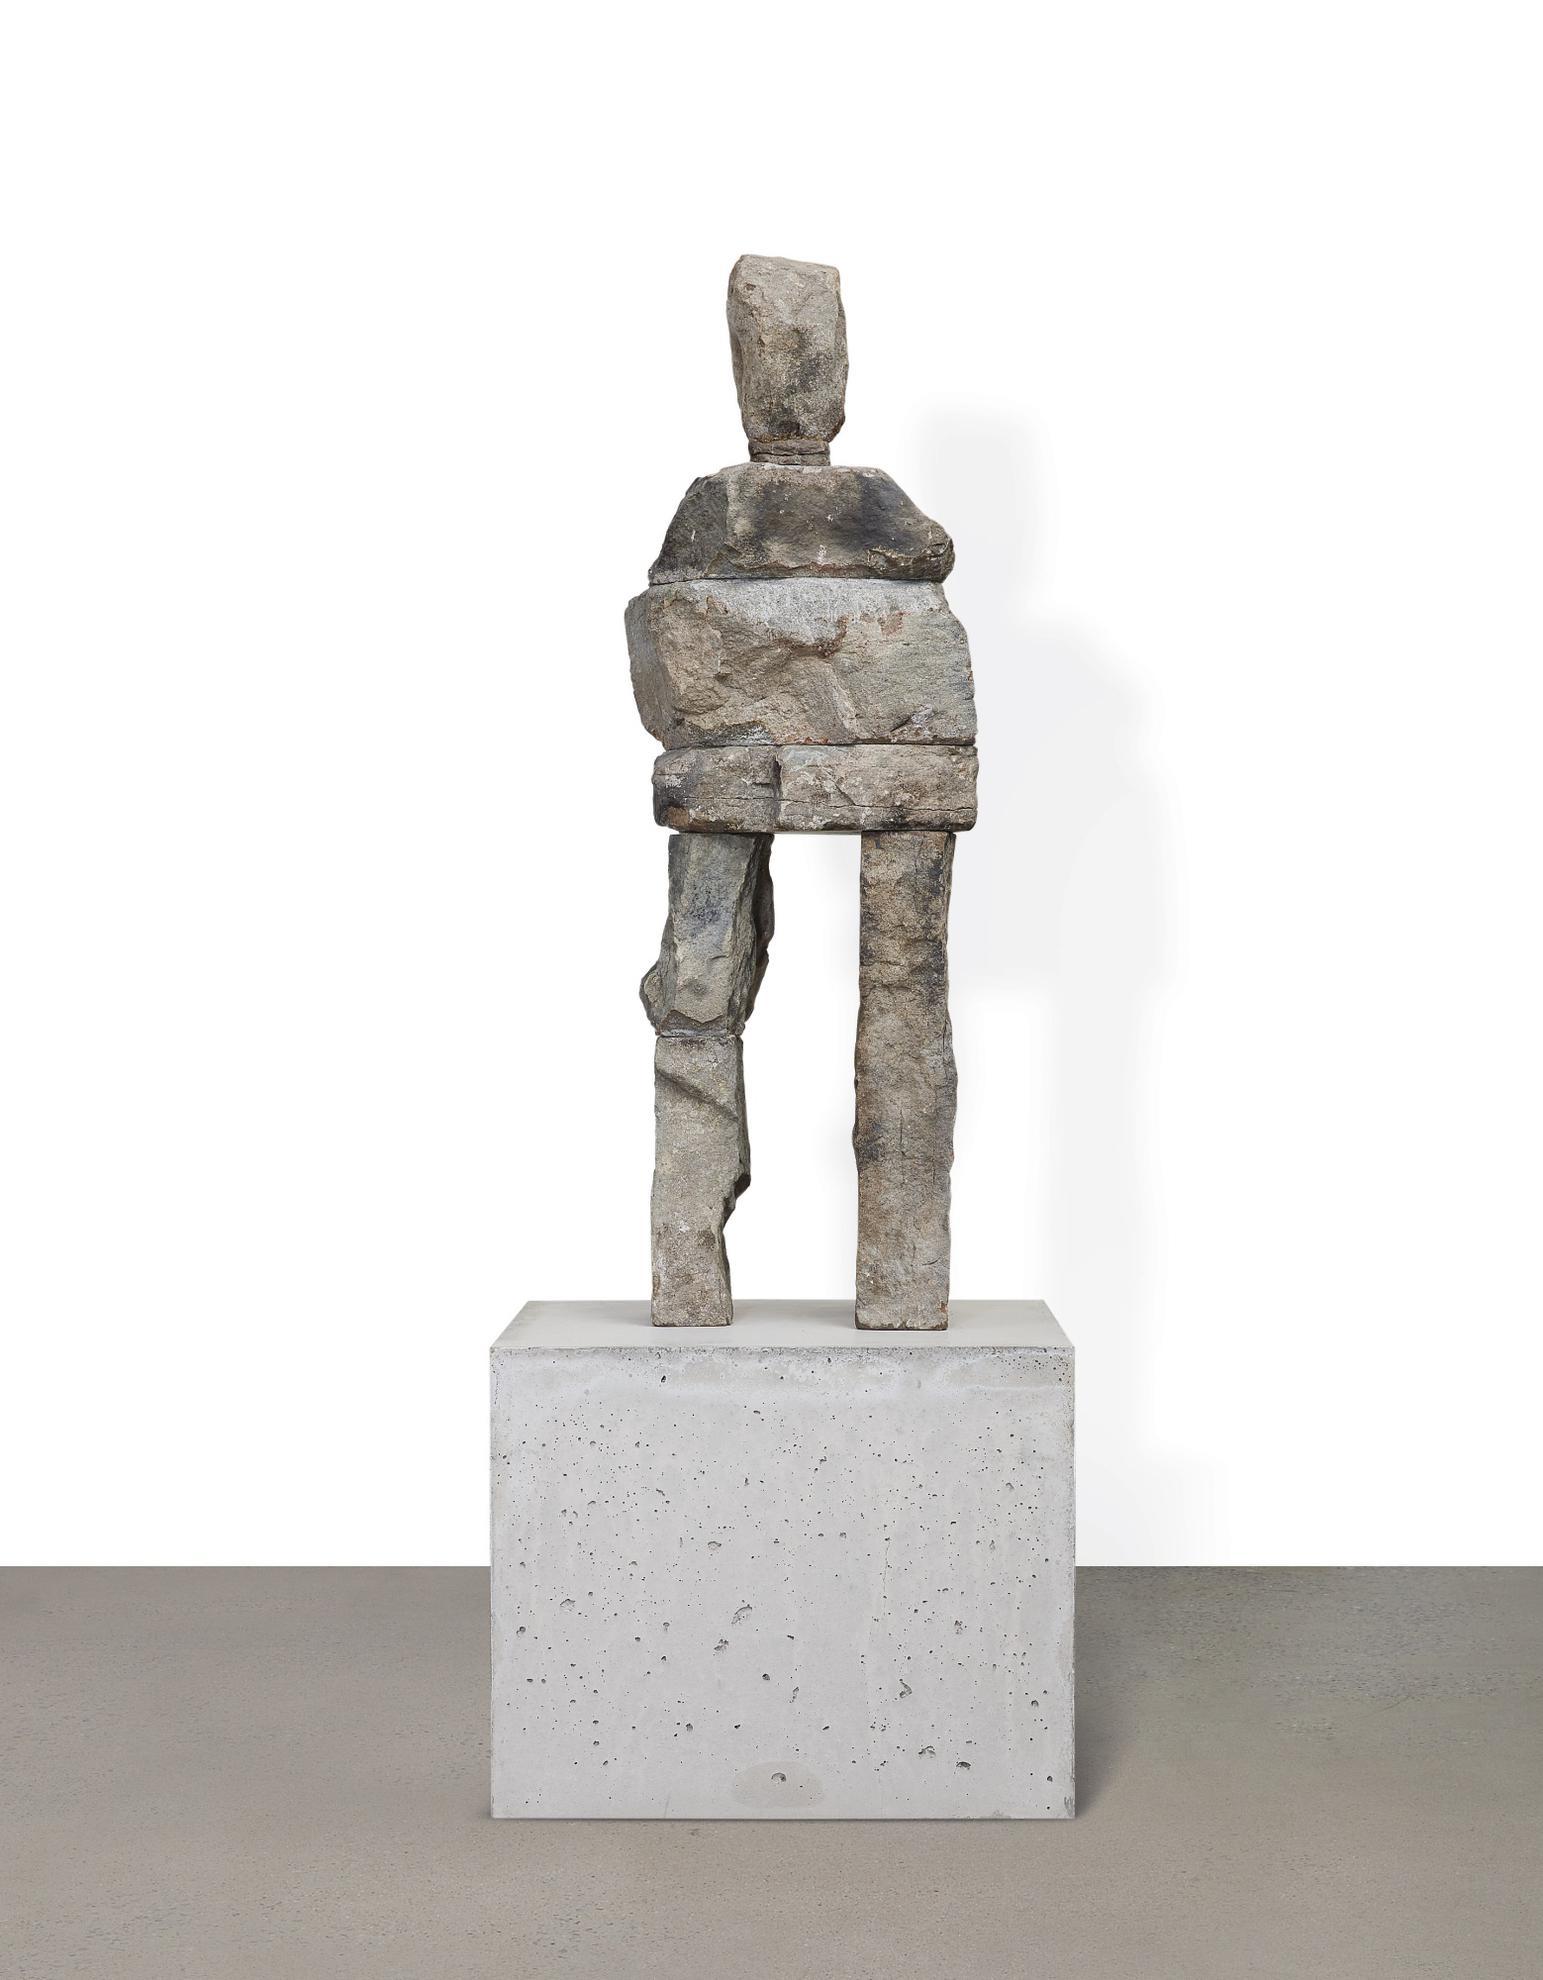 Ugo Rondinone-The Keen-2013